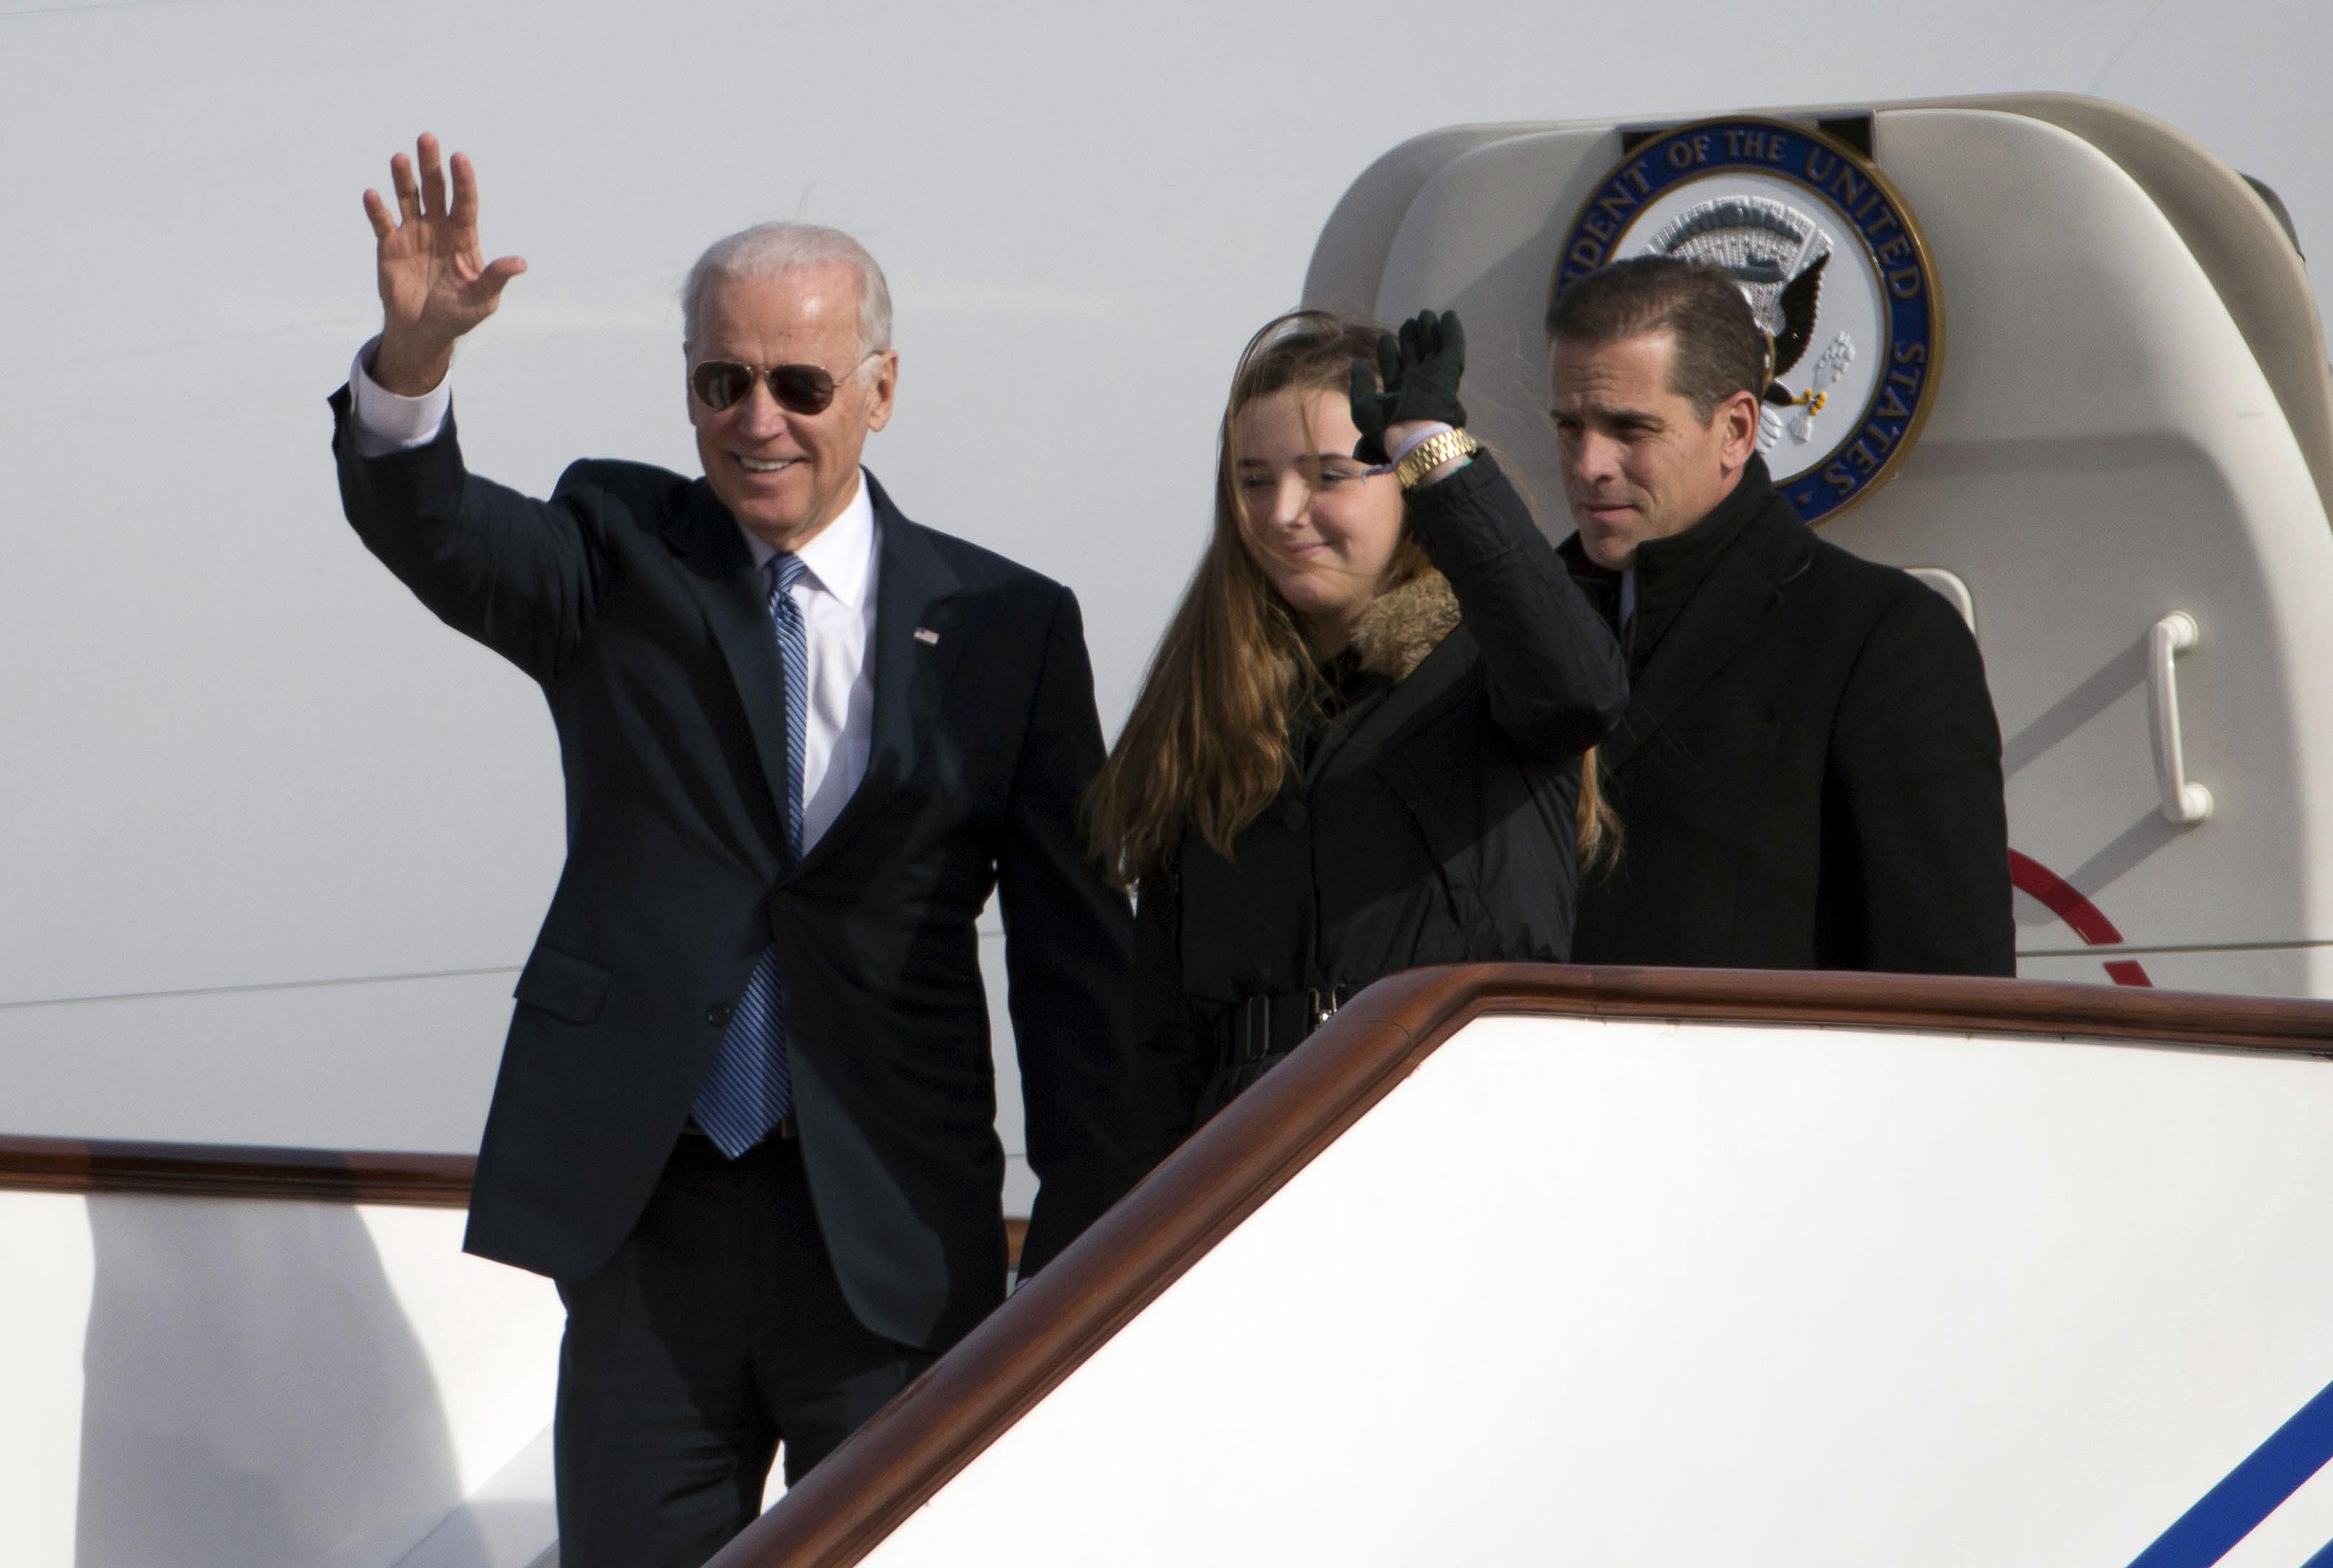 圖為2013年12月,時任美國副總統拜登(左)和孫女Finnegan Biden(中)和兒子亨特·拜登(右)抵達北京。(Photo by NG HAN GUAN / POOL / AFP)